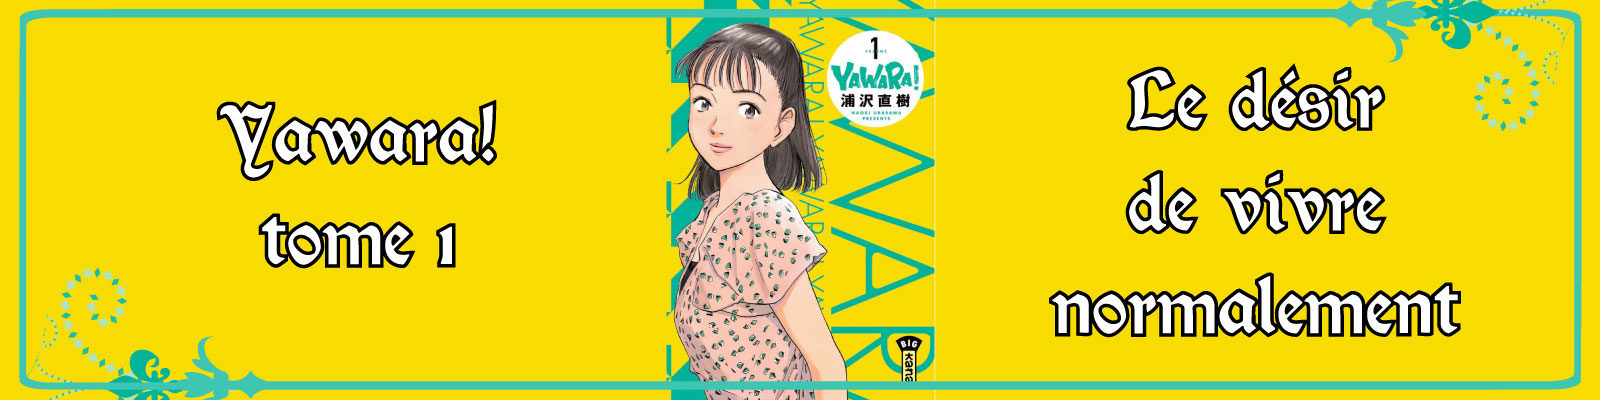 Yawara!-Vol.-1